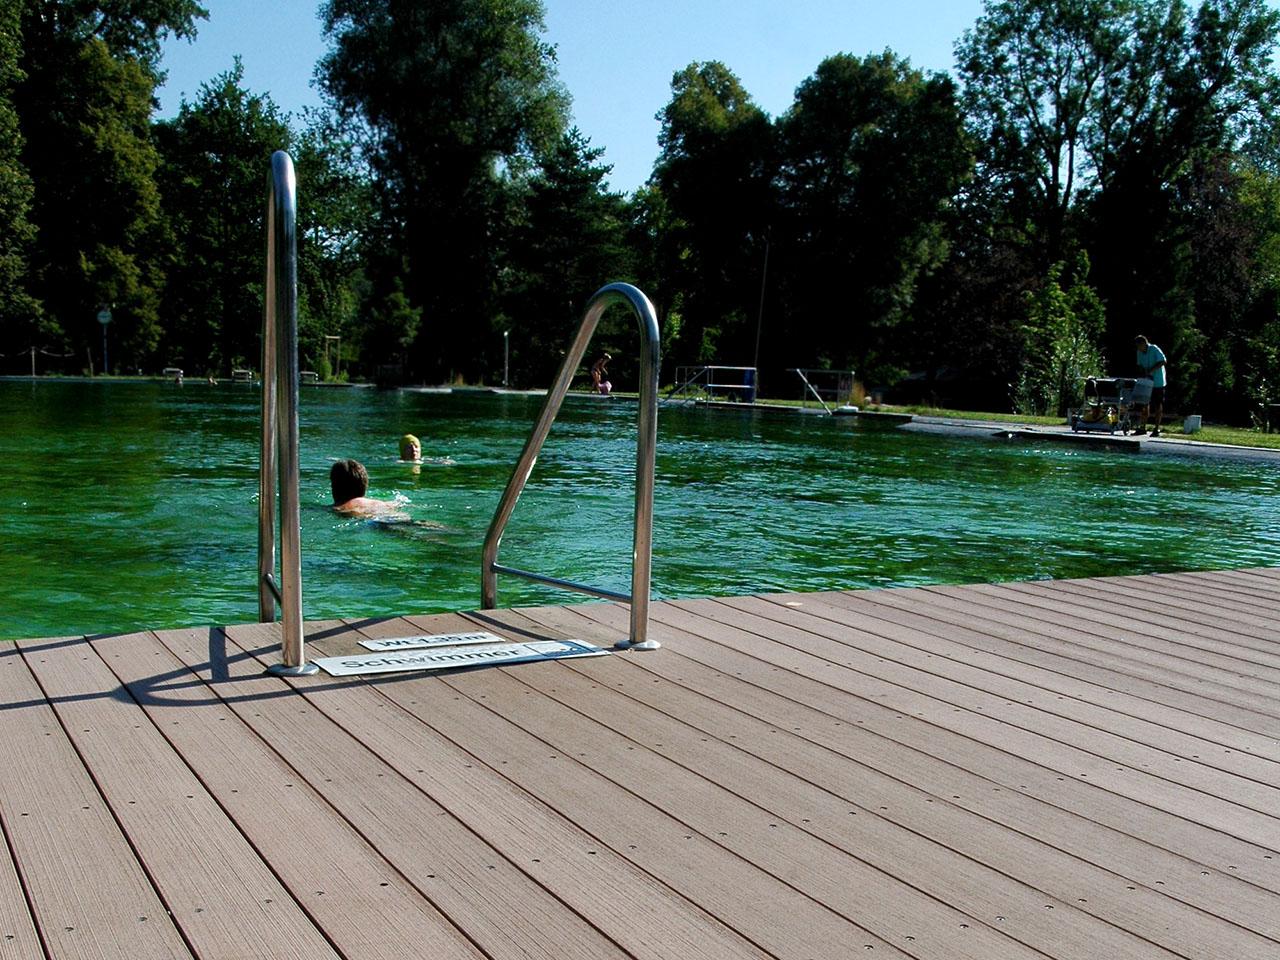 Rutschfeste WPC Poolumrandung in Schwimmbad mit Wasserleiter und Pool im Hintergrund